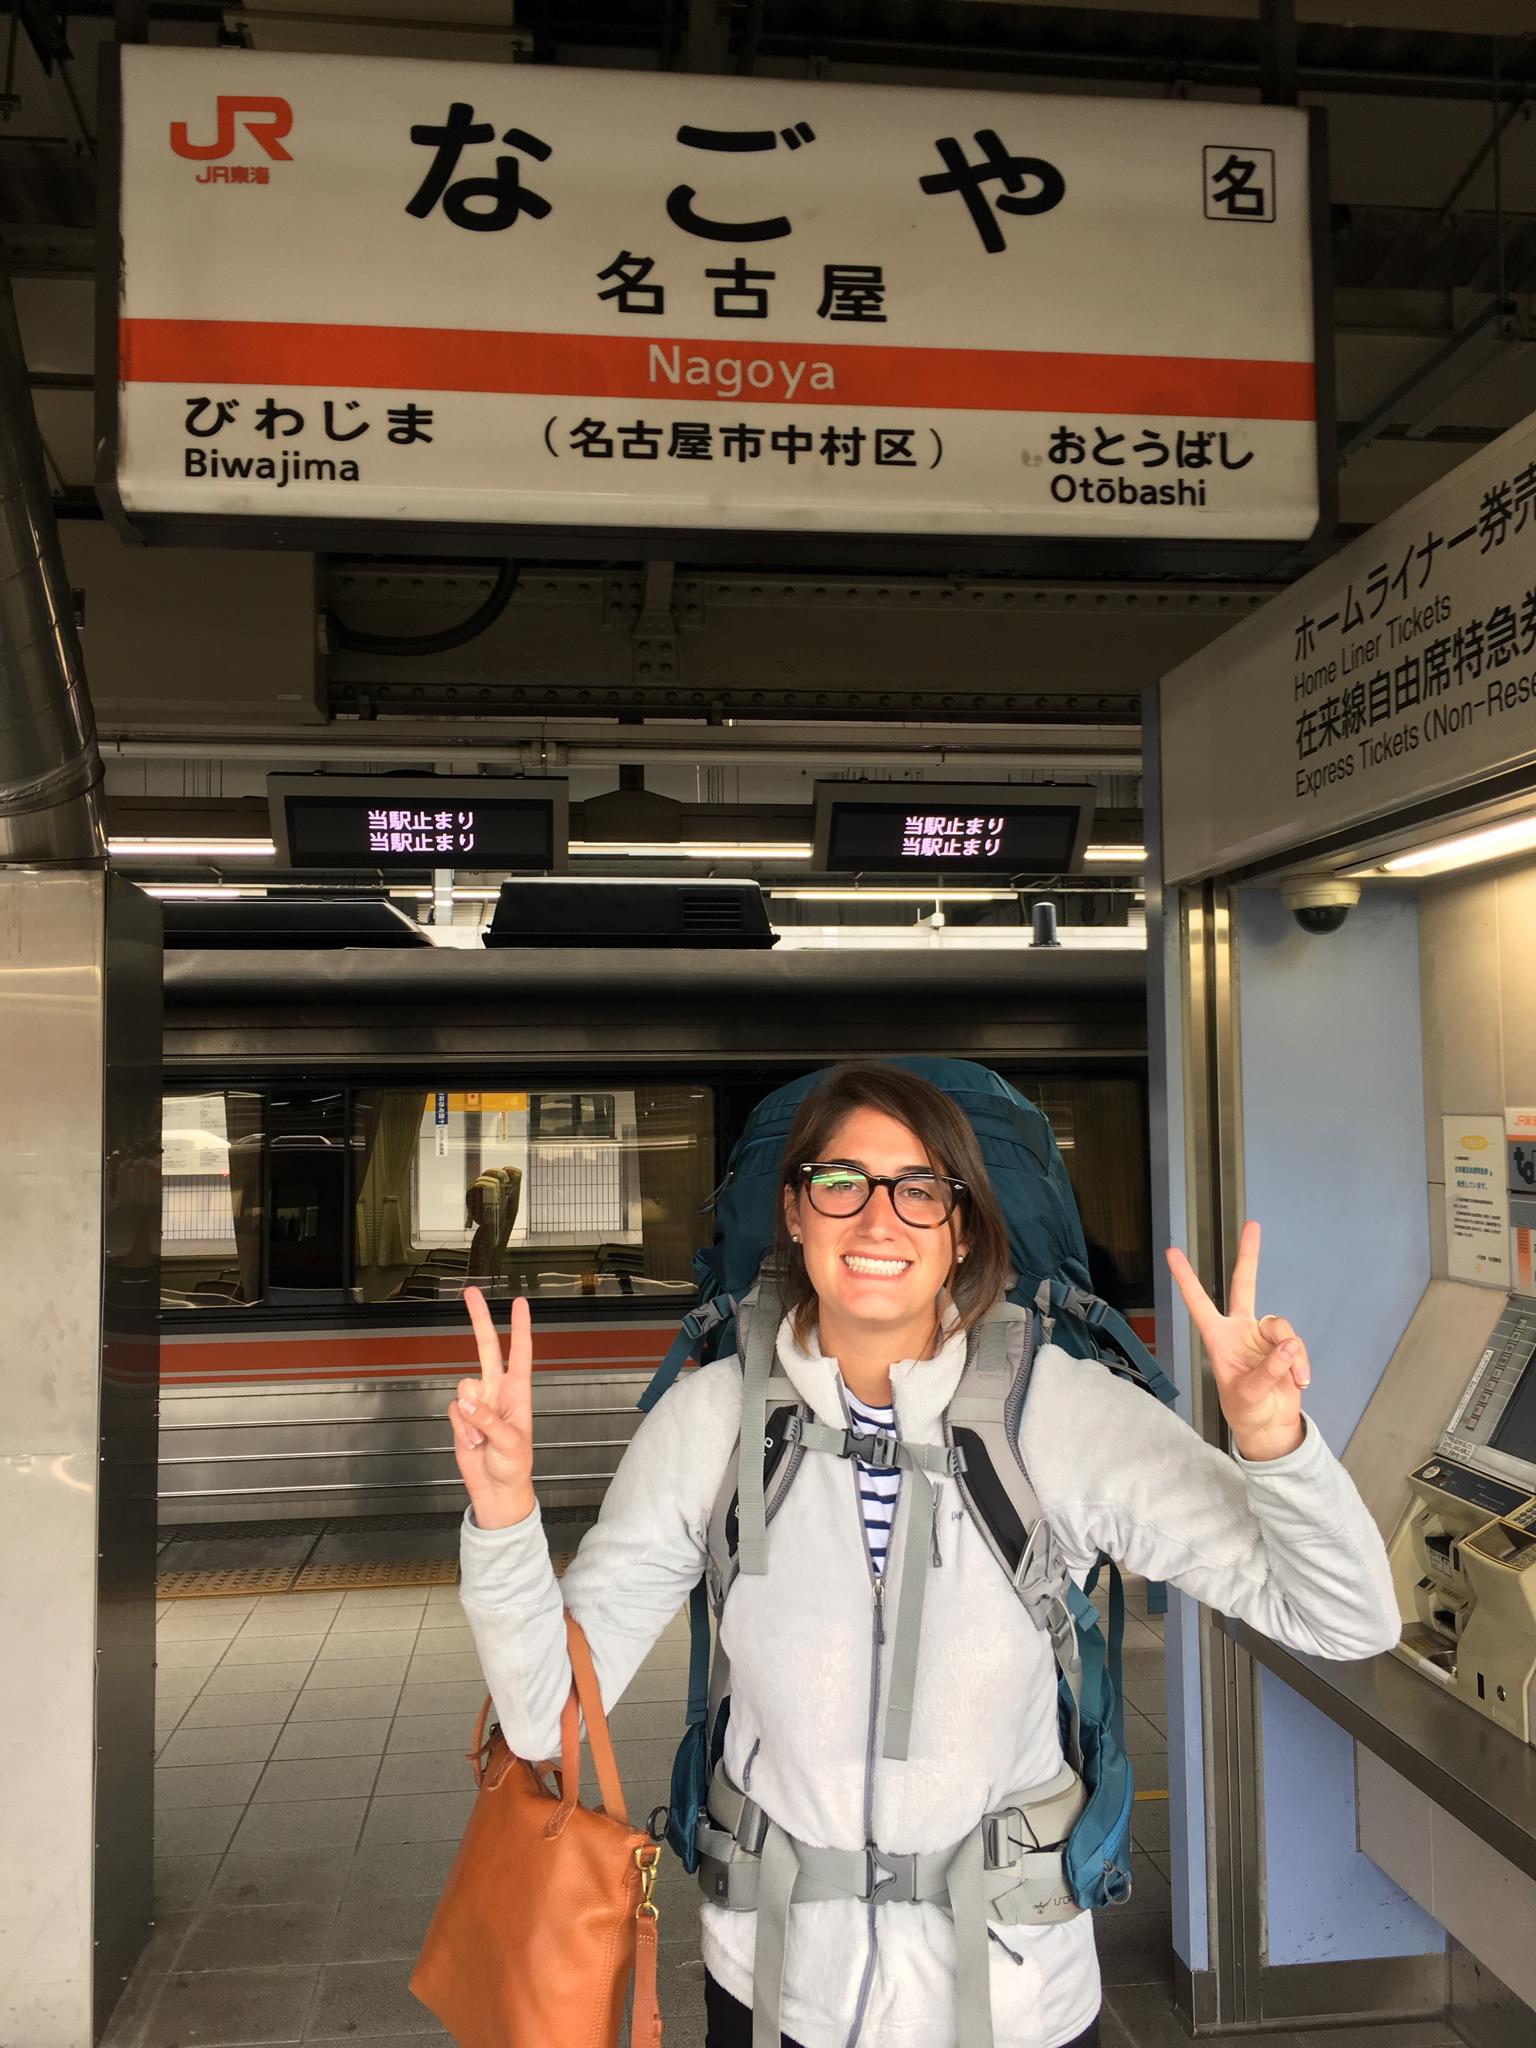 Nagoya train station!! Hi, Nagoya Restaurant in Westfield, NJ!!